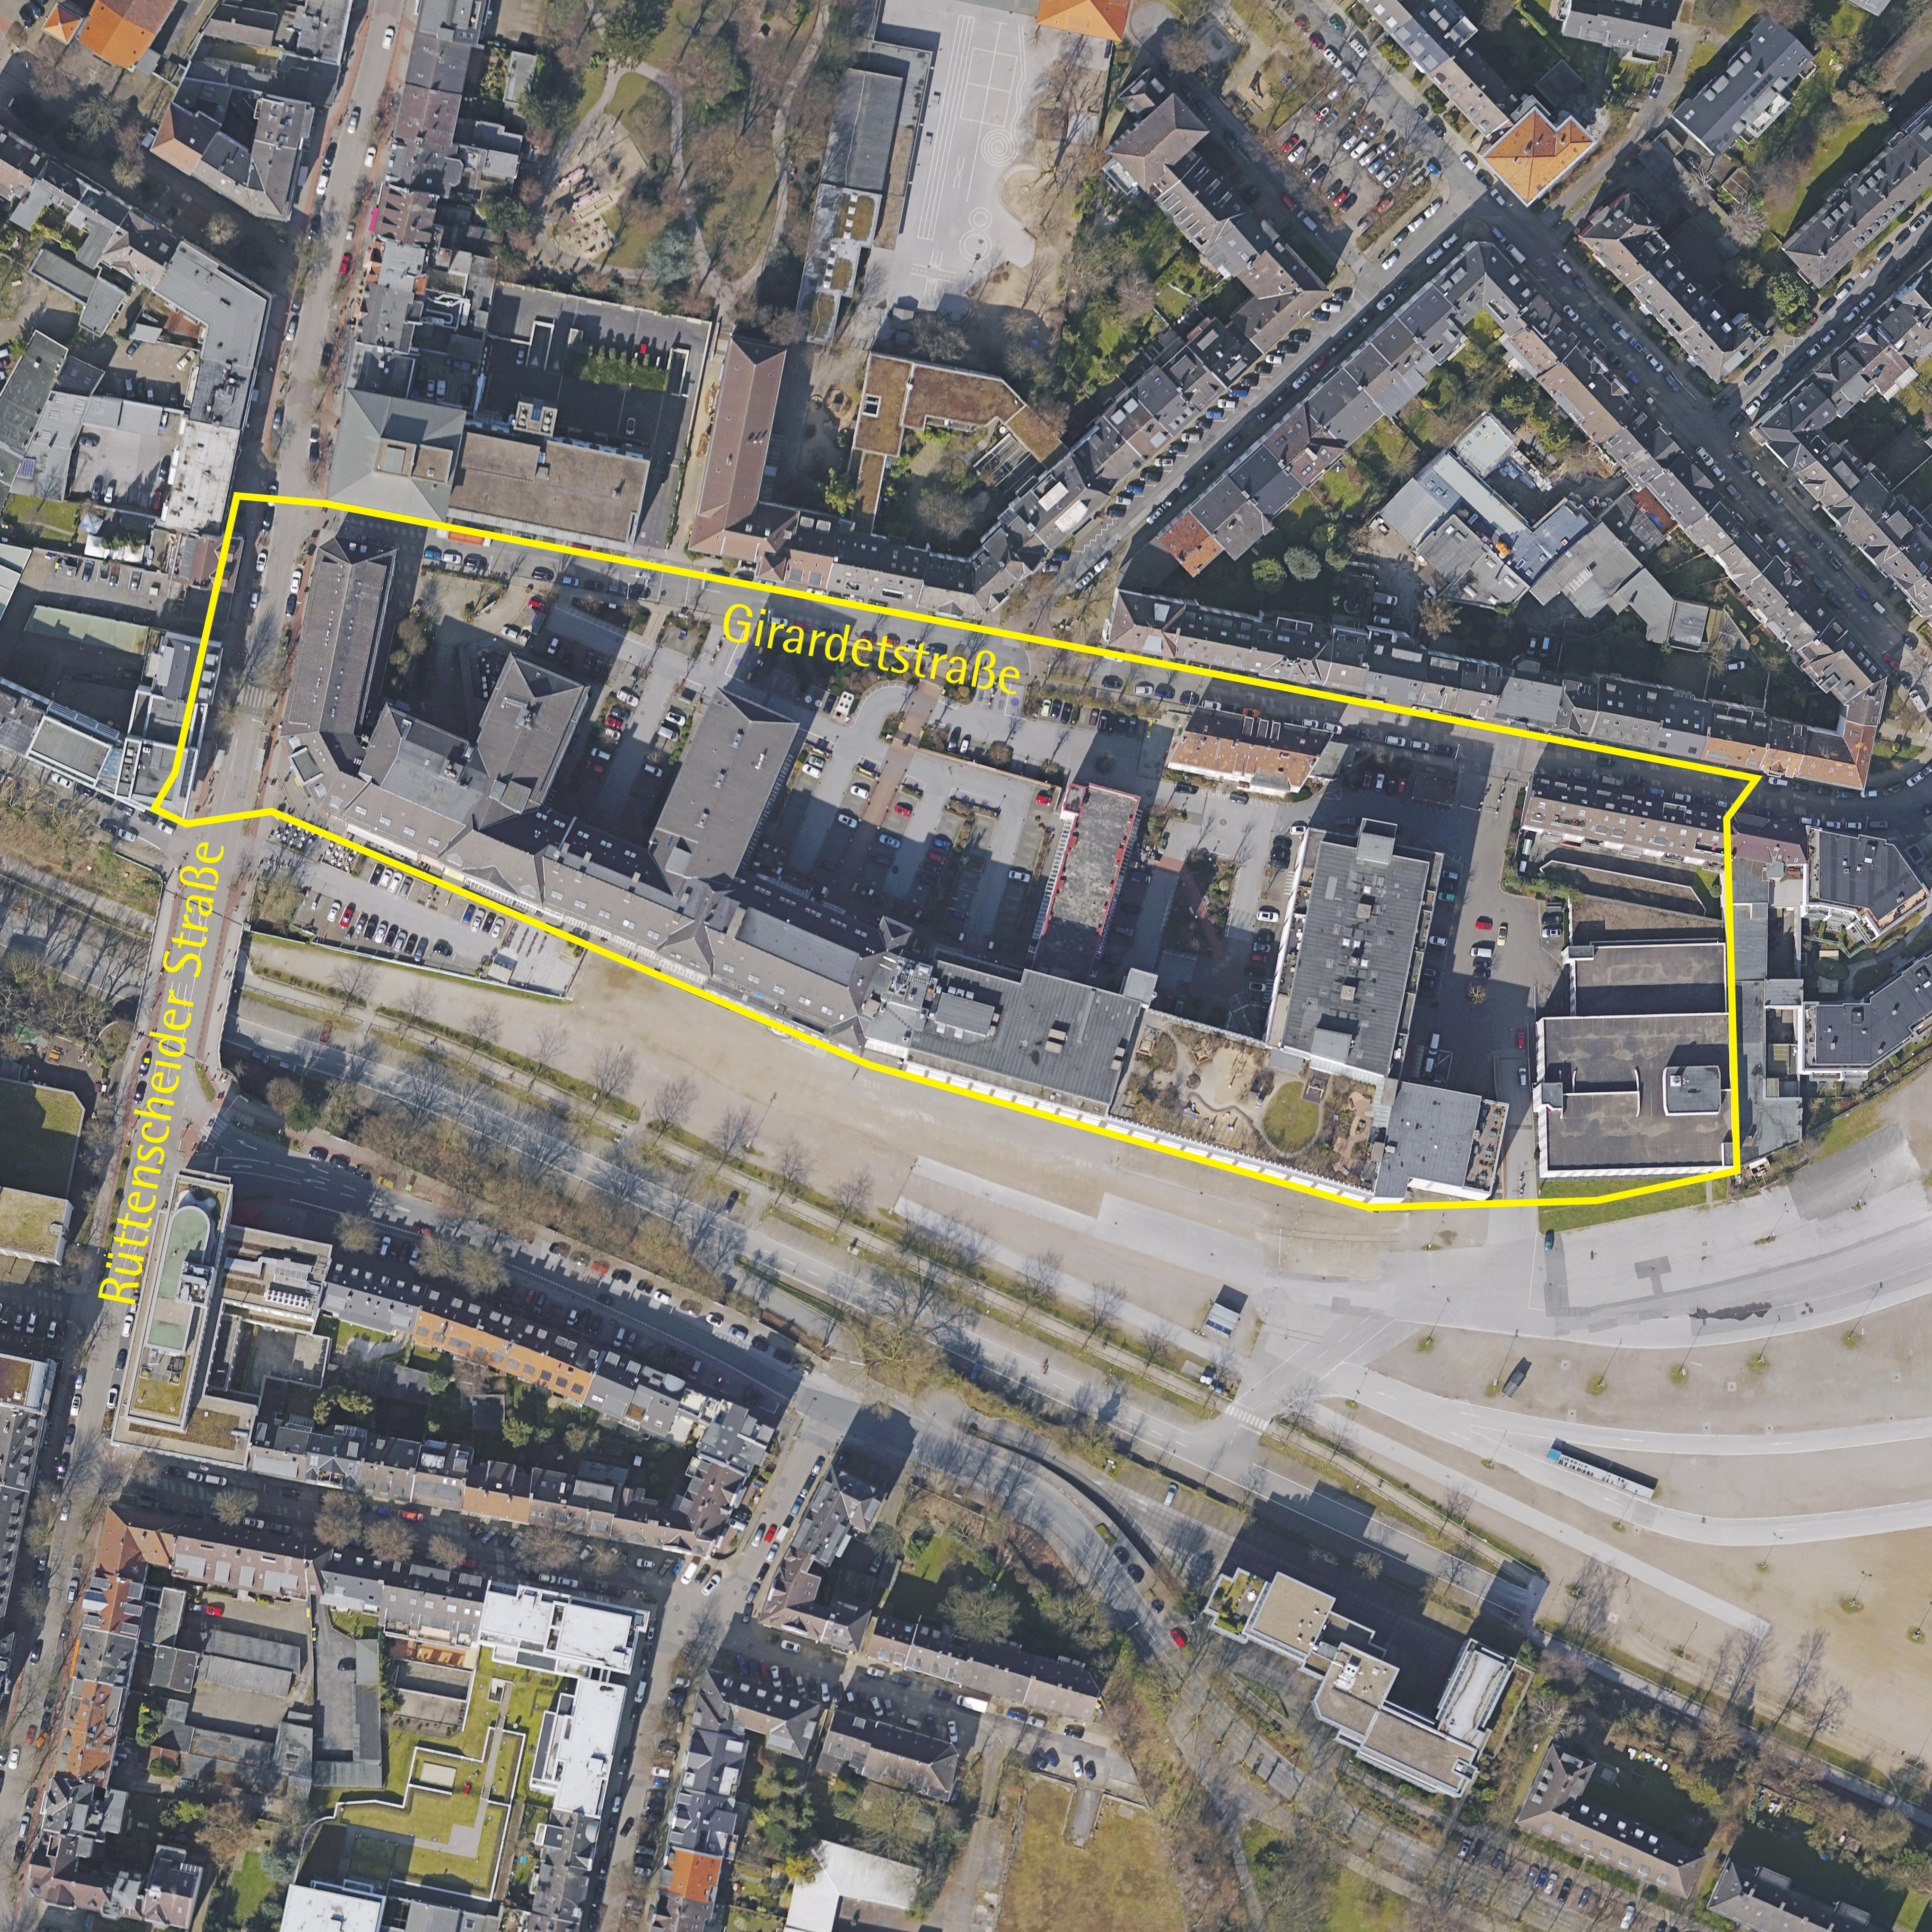 Luftbild: Girardetstraße